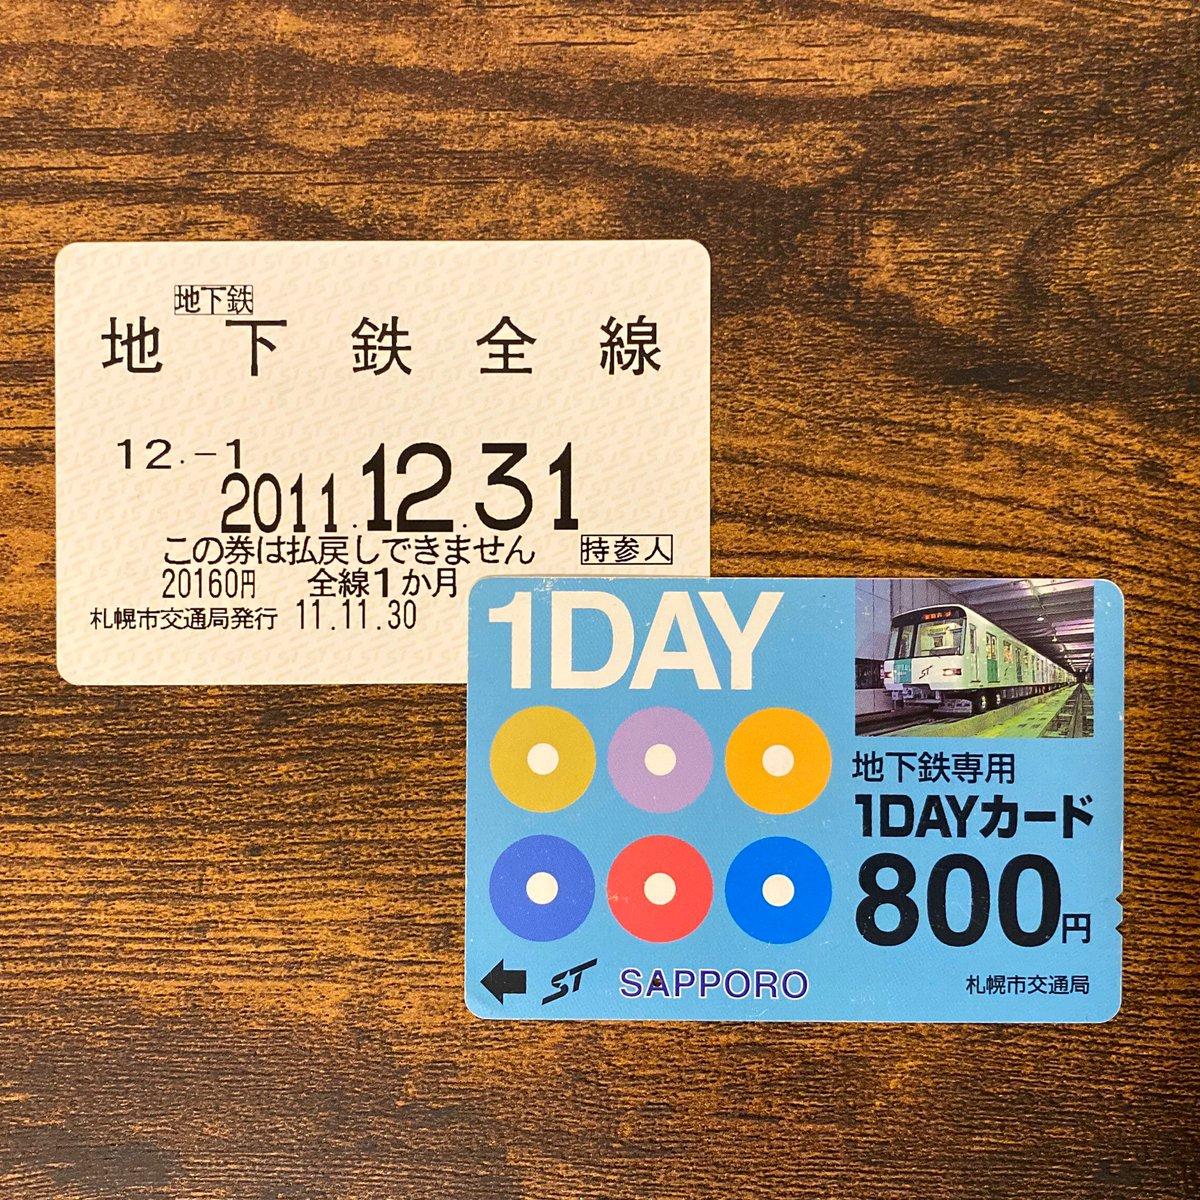 札幌 地下鉄 定期 払い戻し